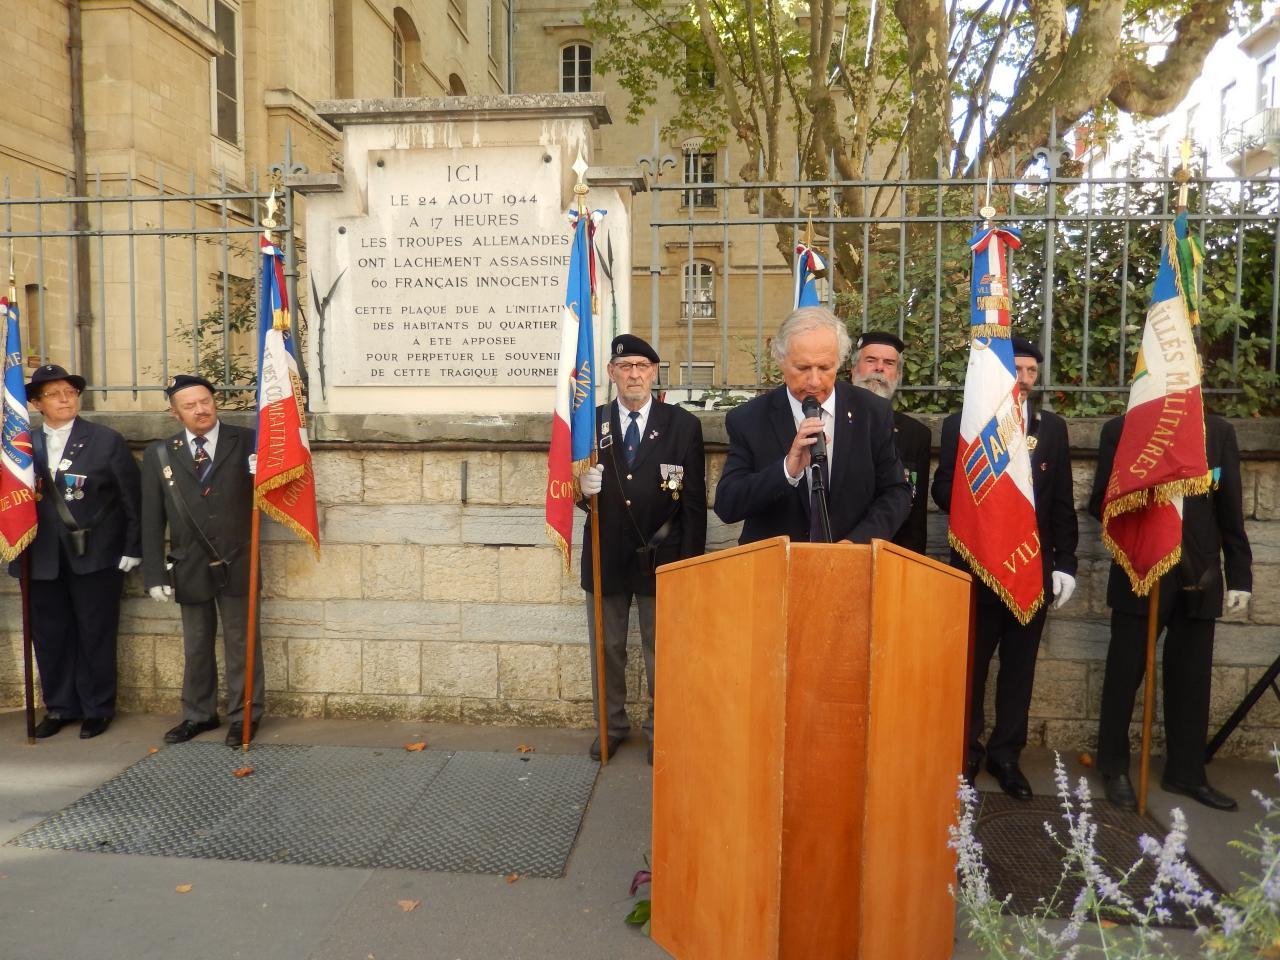 Cérémonie en hommage aux victimes des événements  tragiques du 24 août 1944